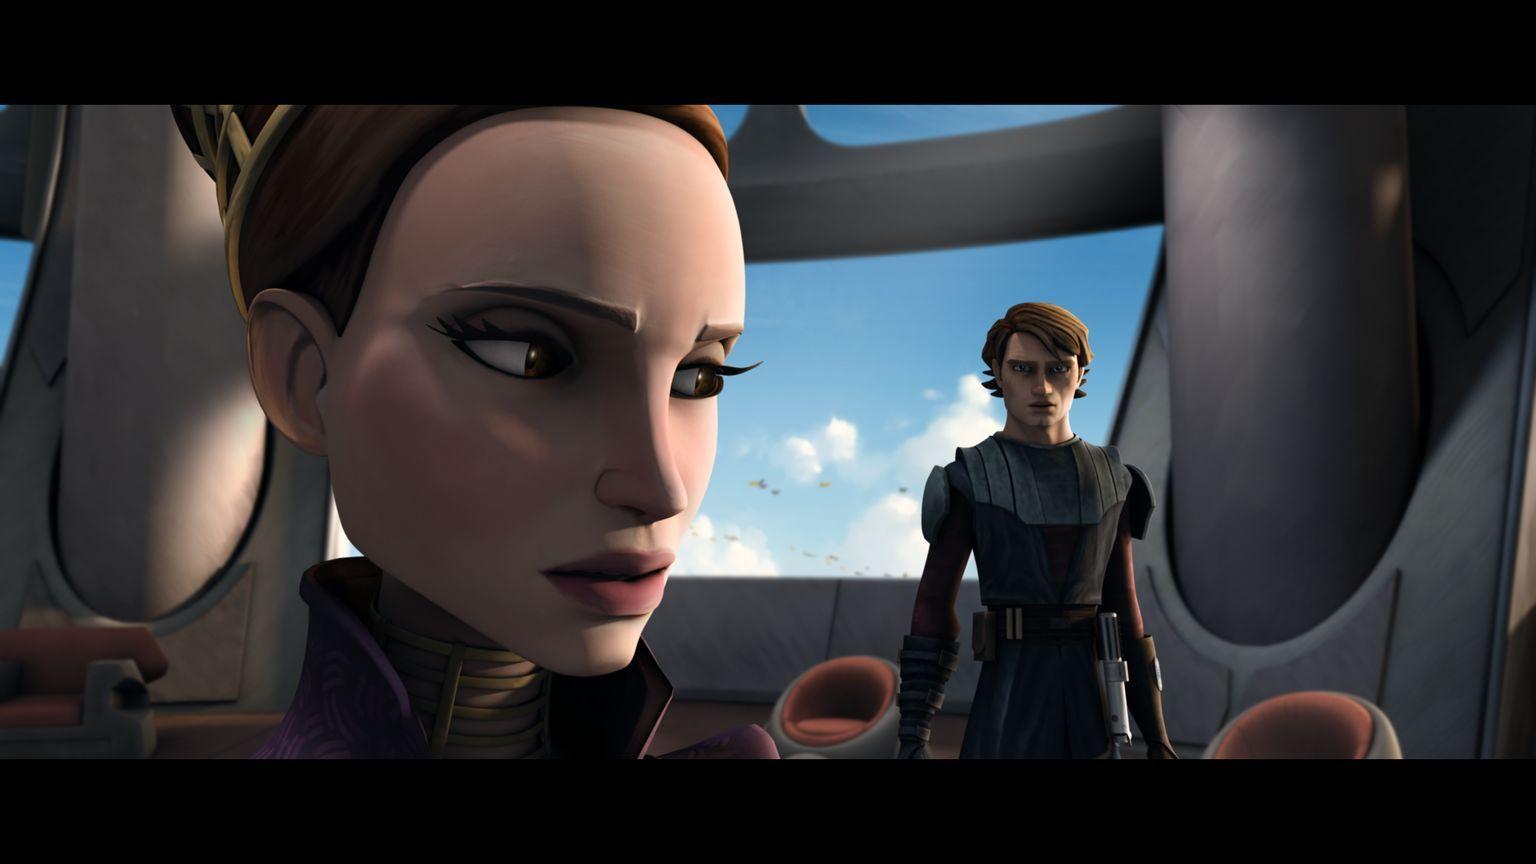 HD Anakin Skywalker vs Obi Wan Kenobi